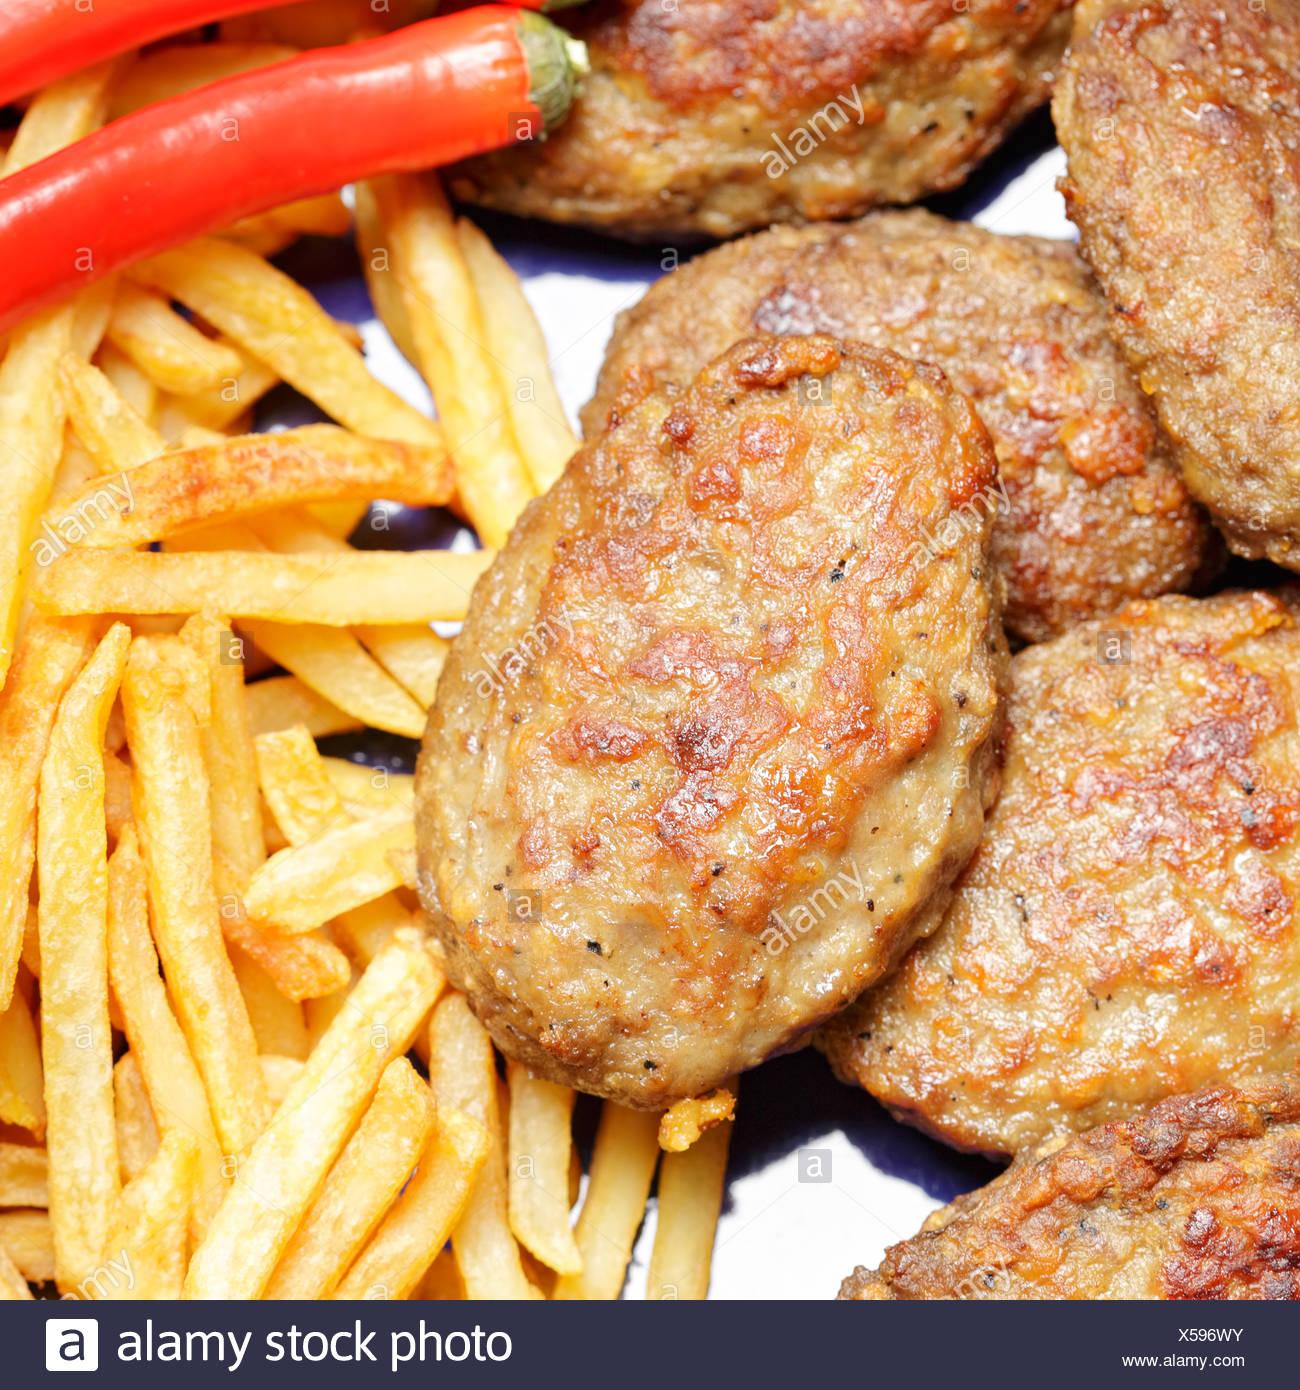 Les escalopes avec frites et de chili Photo Stock